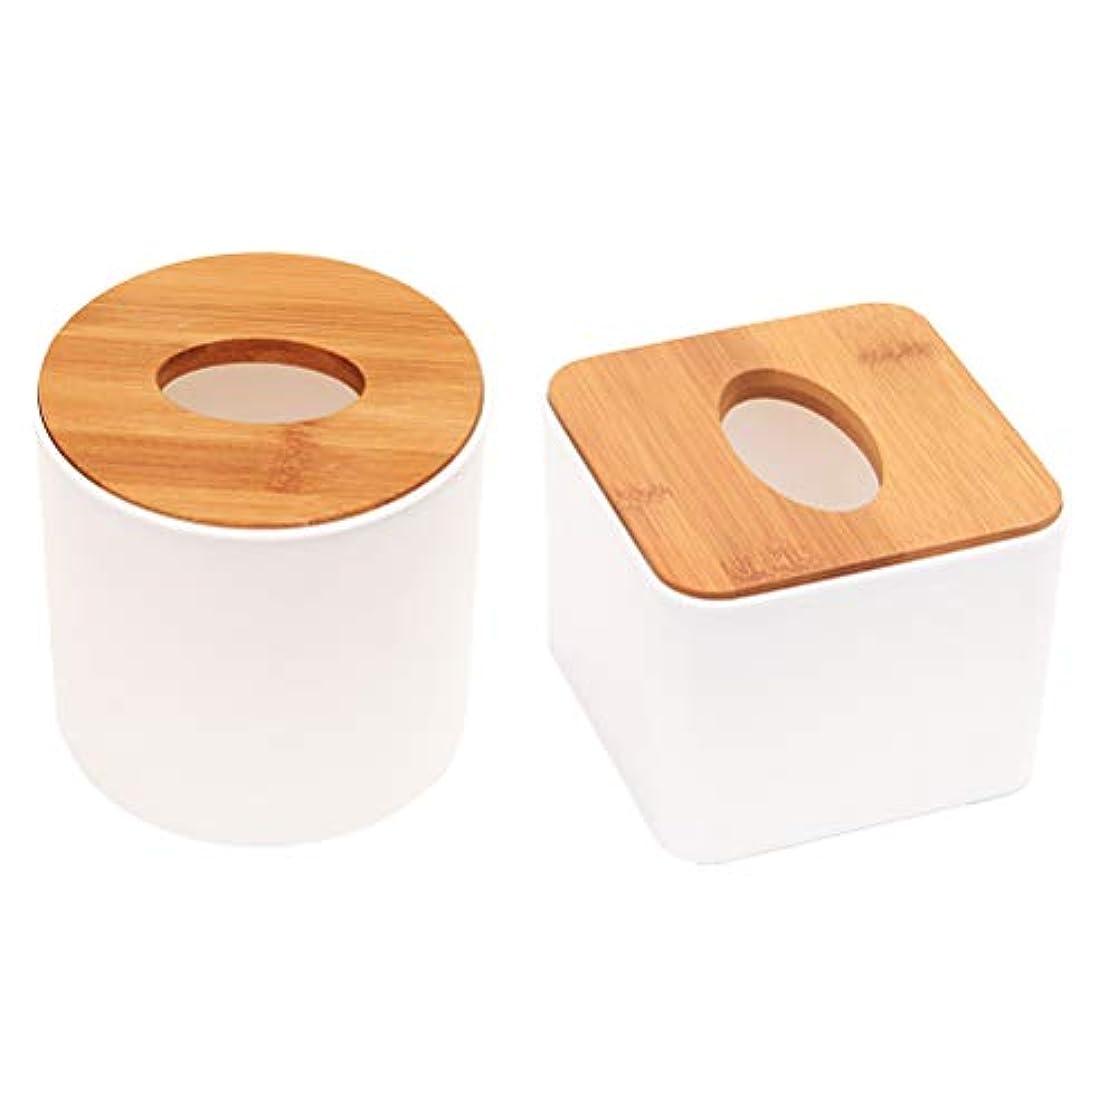 師匠数学的な代替TOPBATHY 2ピースティッシュボックスカバーラウンドスクエア形状木製ティッシュペーパーカバーホルダー用浴室寝室デスクテーブル車